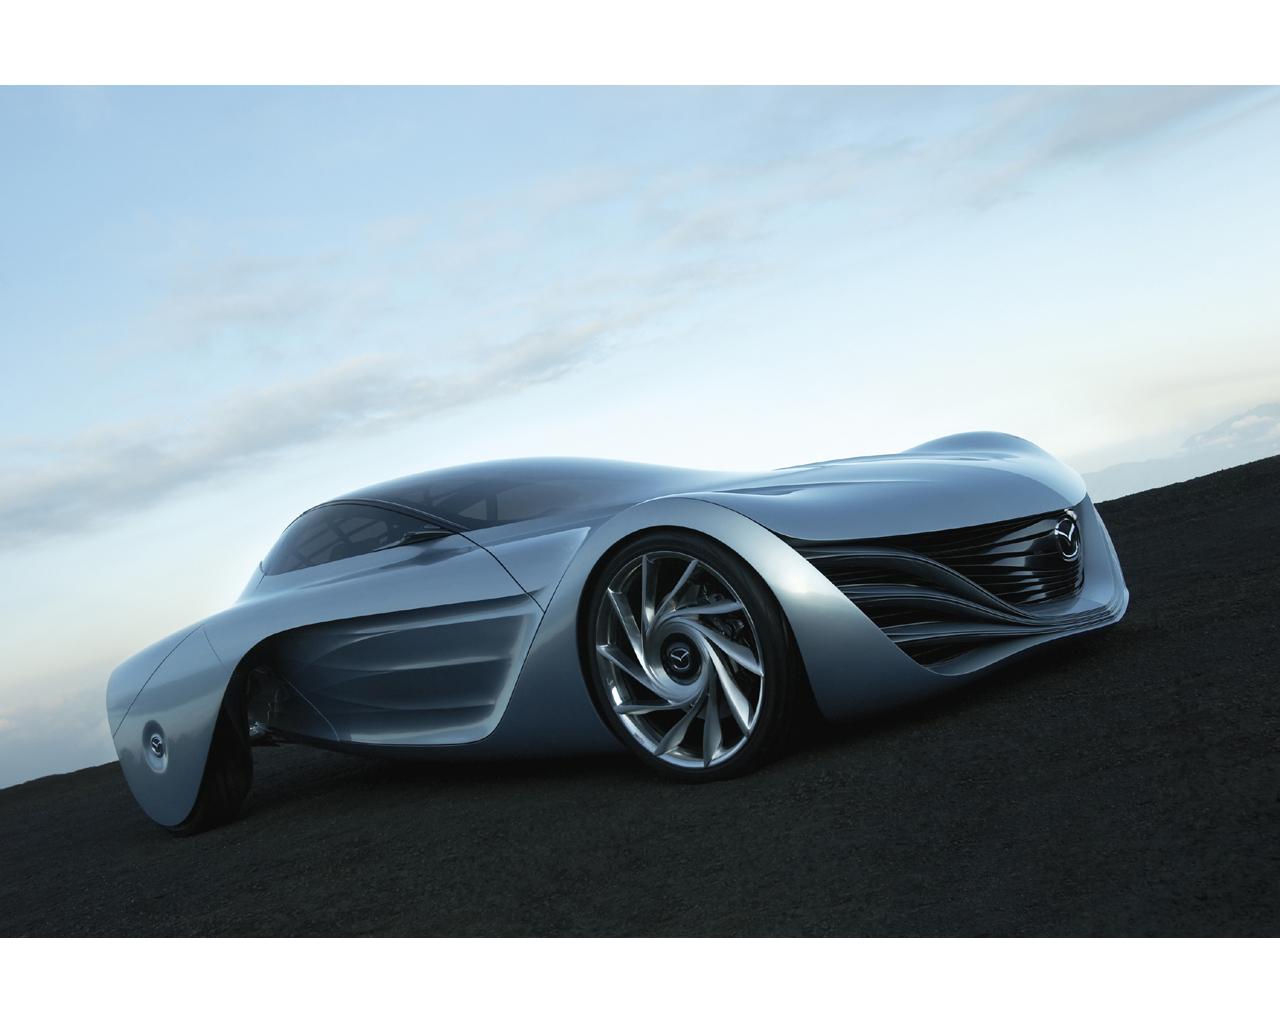 http://autoconcept-reviews.com/cars_reviews/mazda/mazda-taiki-concept-2007/wallpaper/mazda-taiki_front__jpg100.jpg